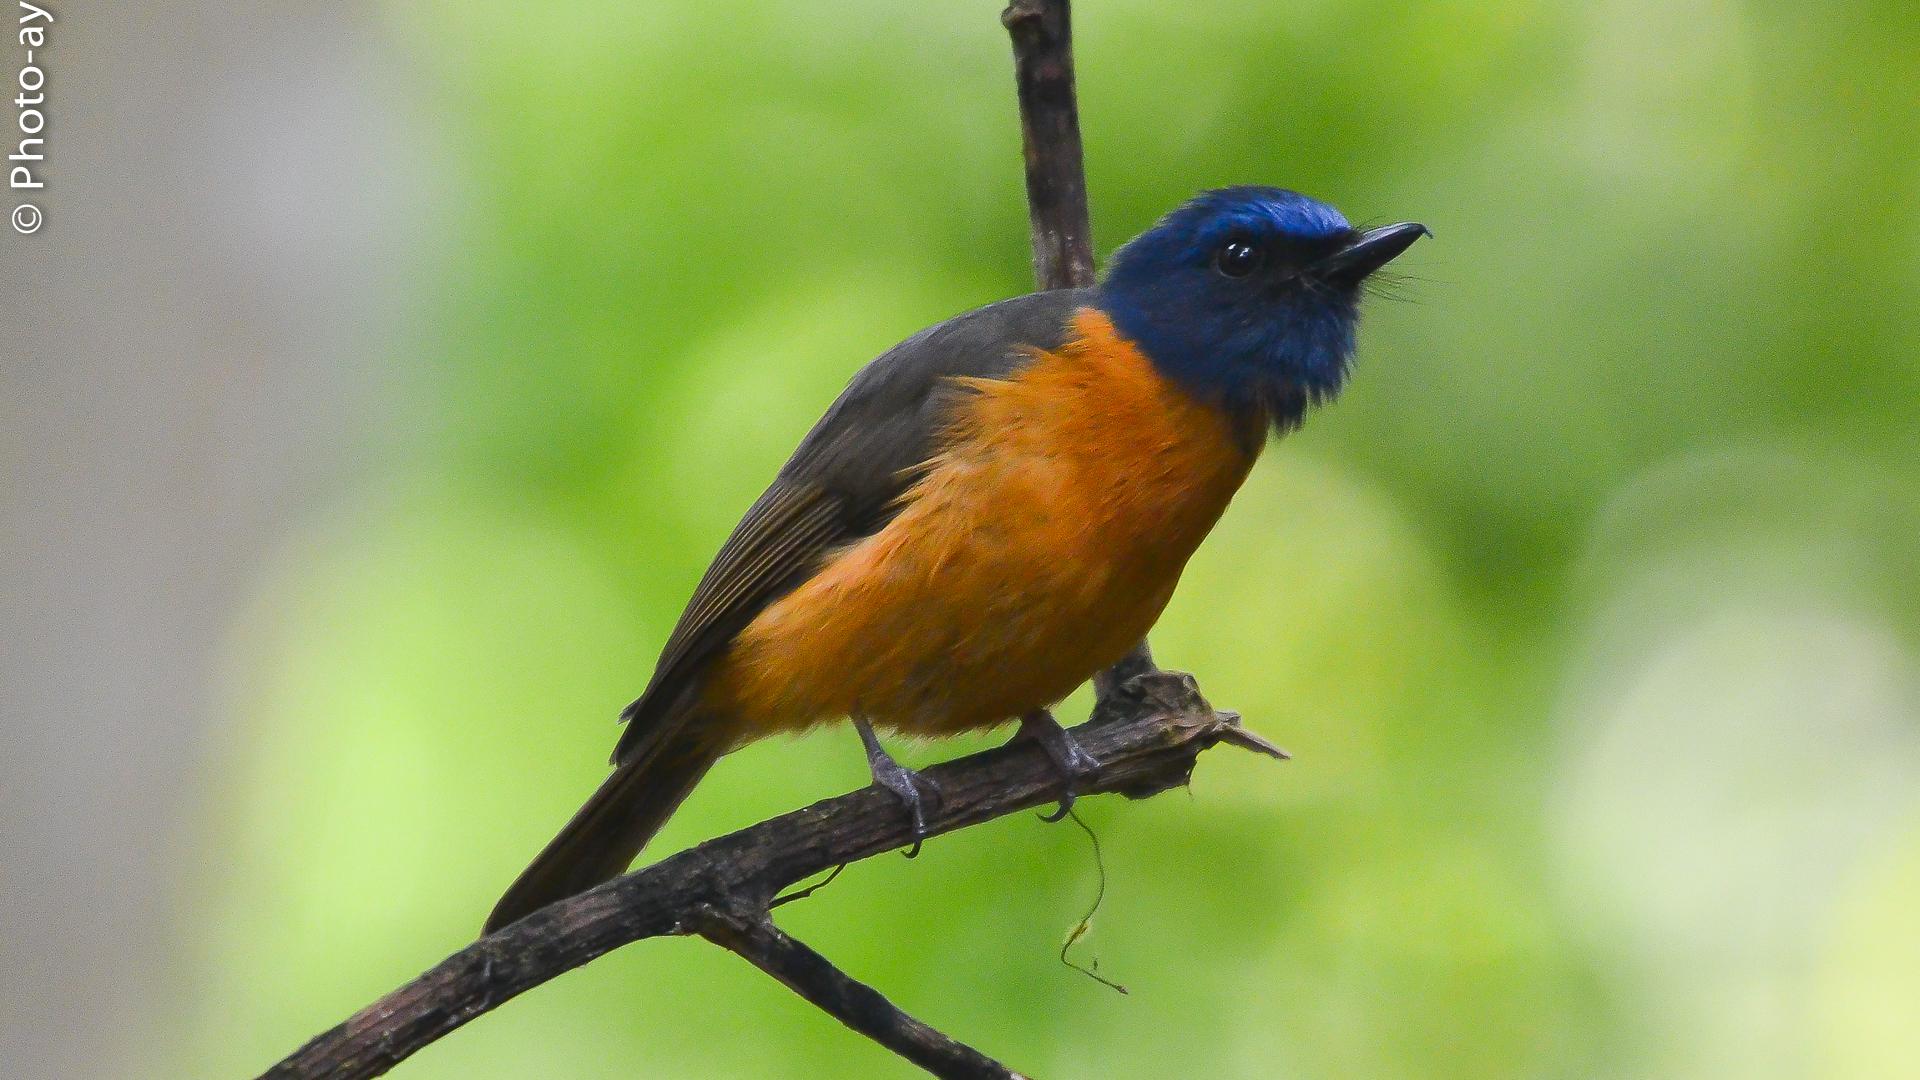 Burung sikatan dahi biru